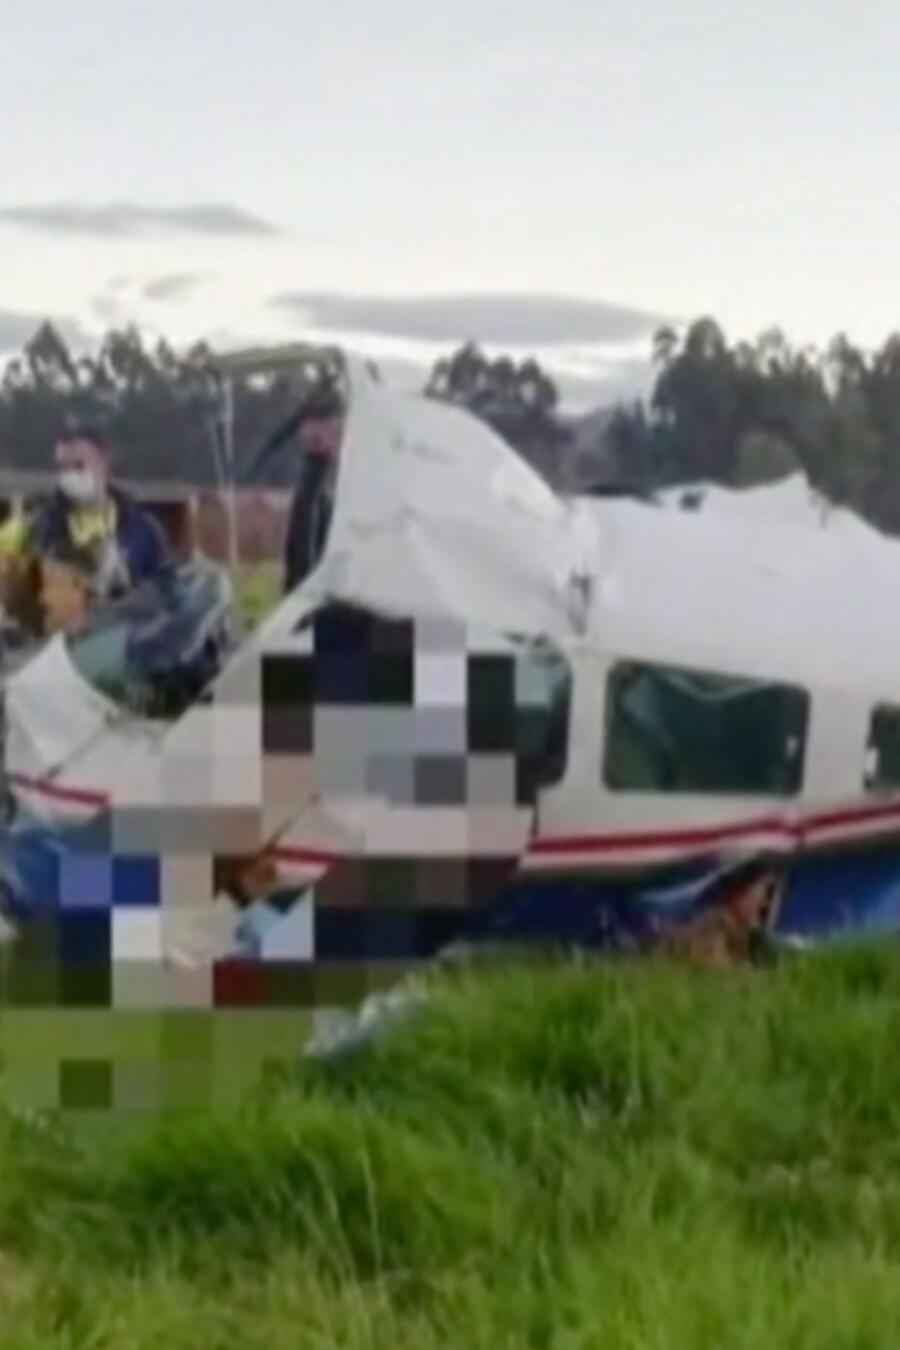 Avioneta Colombia